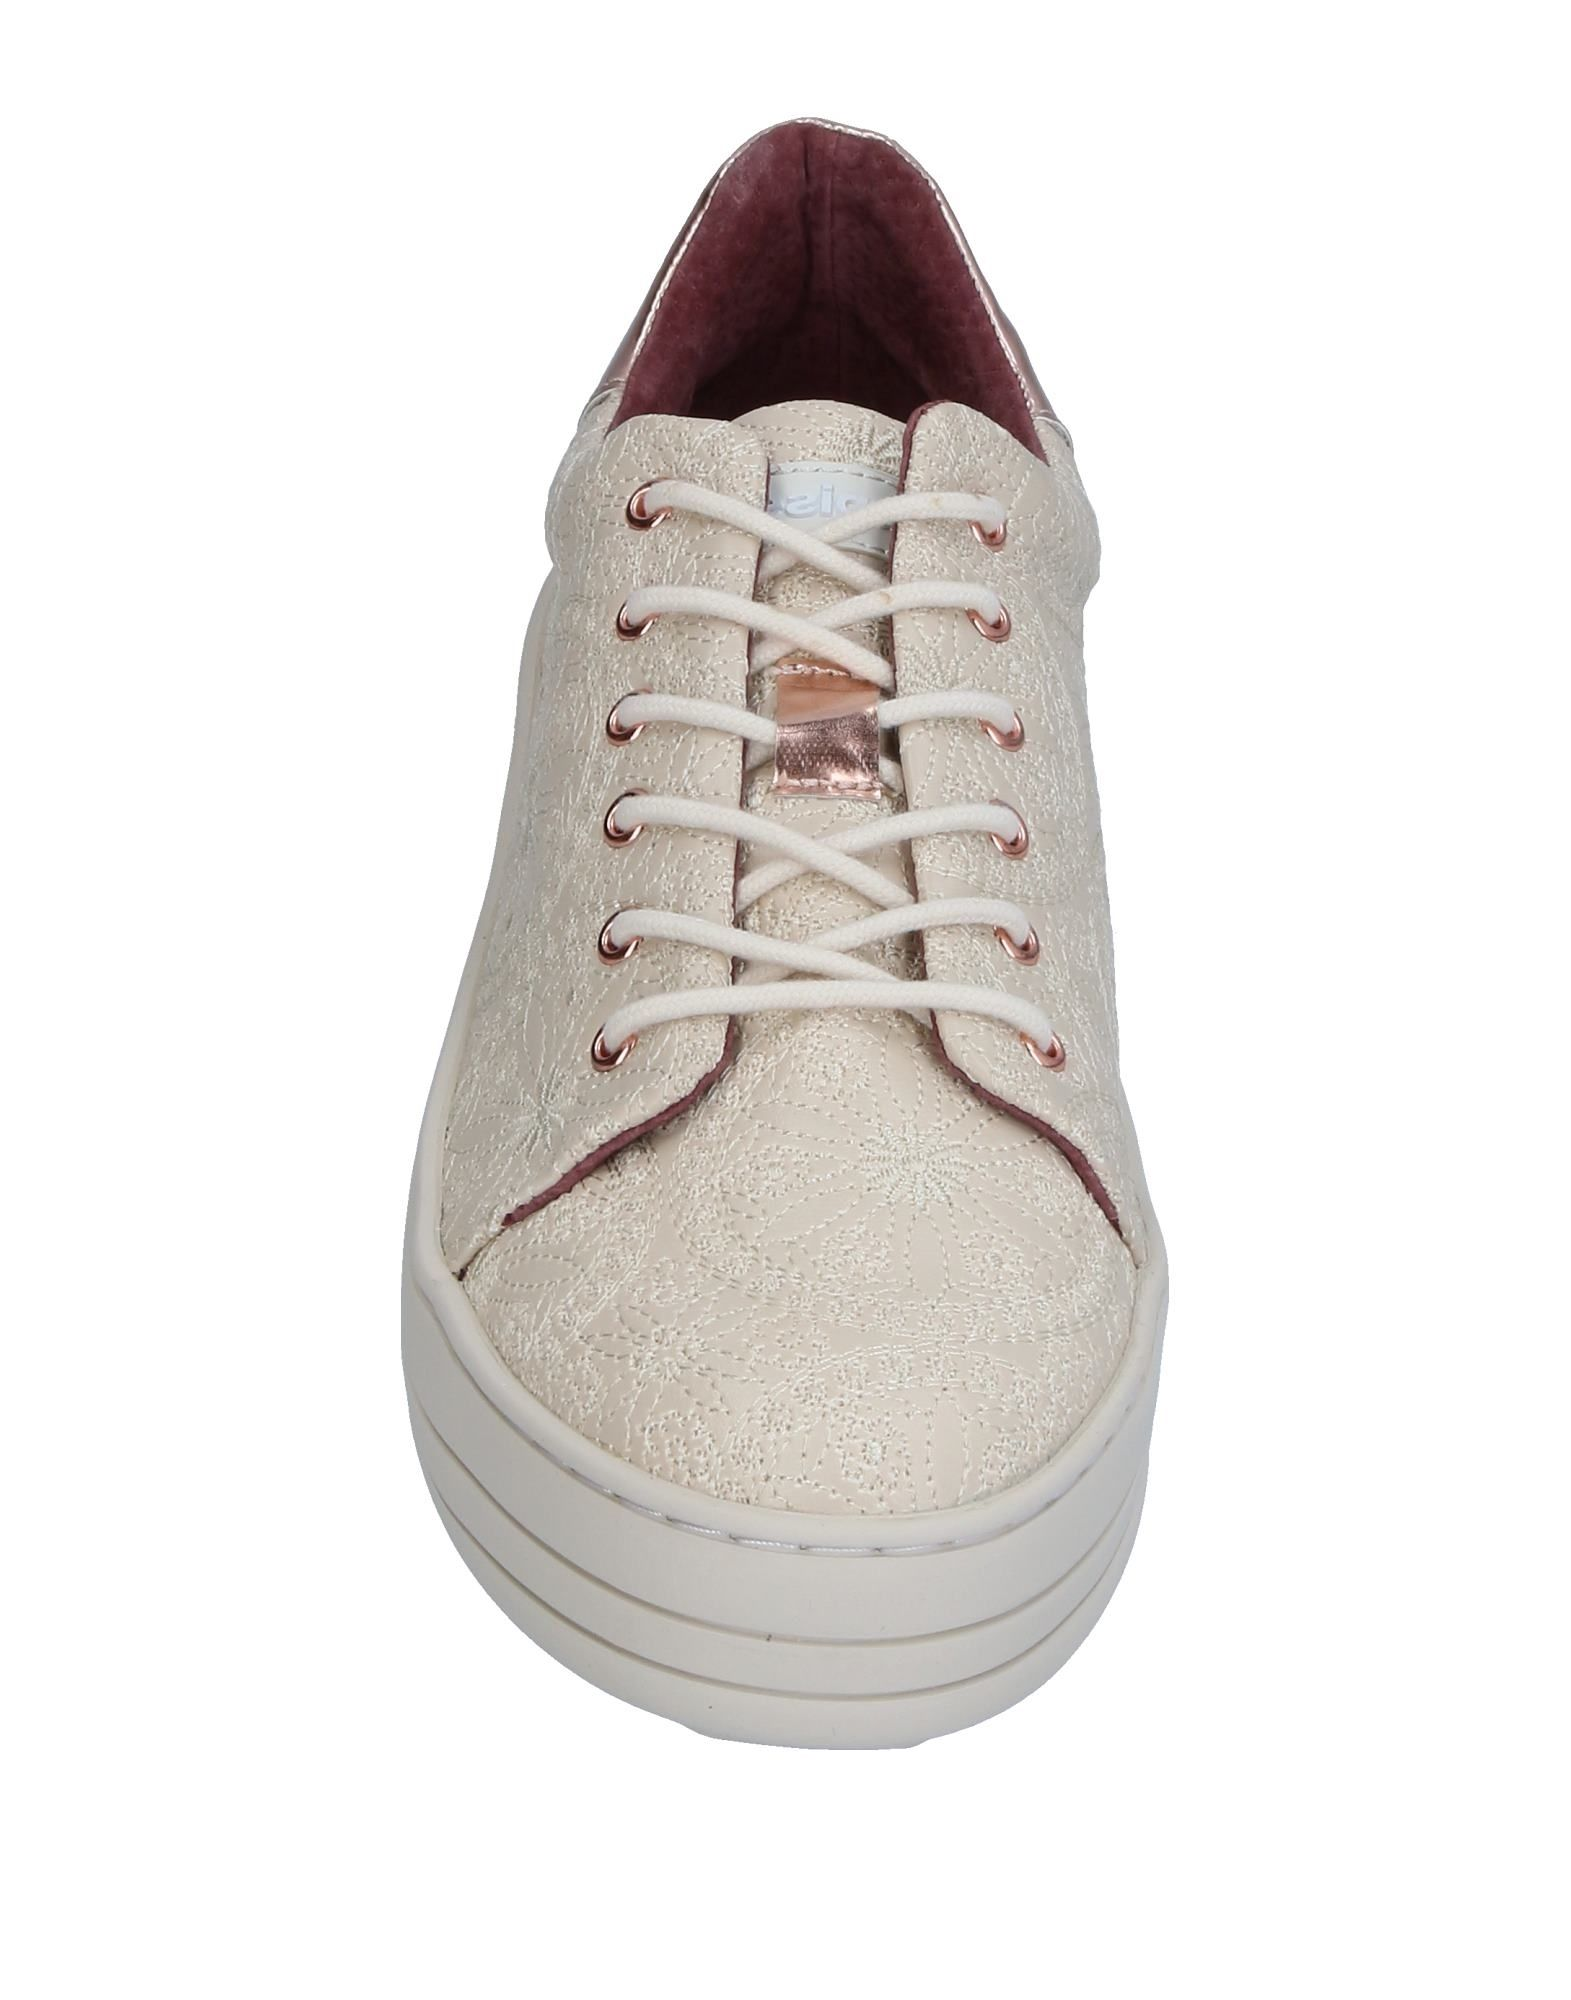 Sneakers Desigual Femme - Sneakers Desigual sur